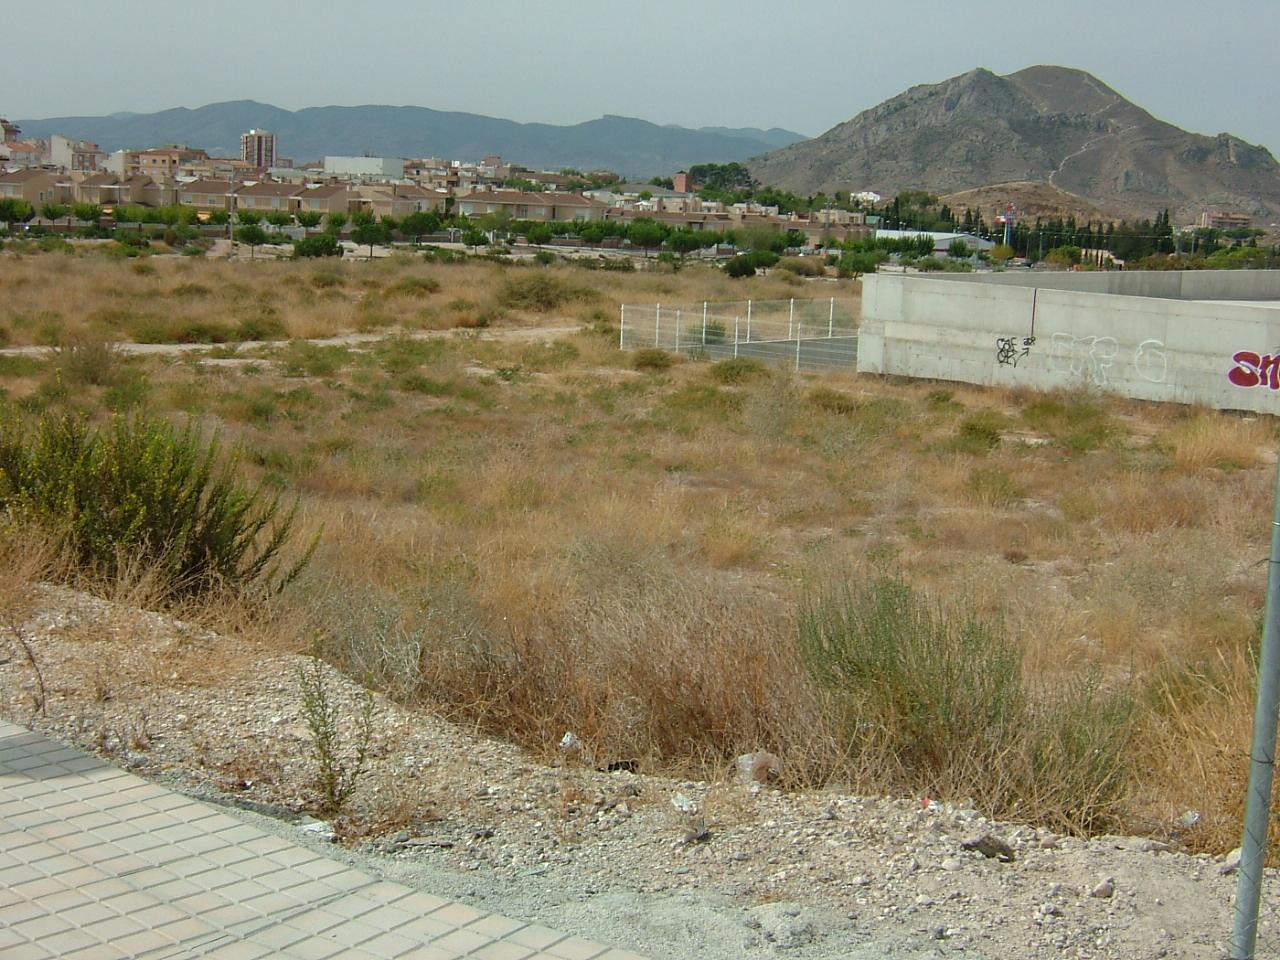 Solar urbano  Calle presbítero conrado poveda. Parcela urbana de 705 m² de uso industrial y terciario.